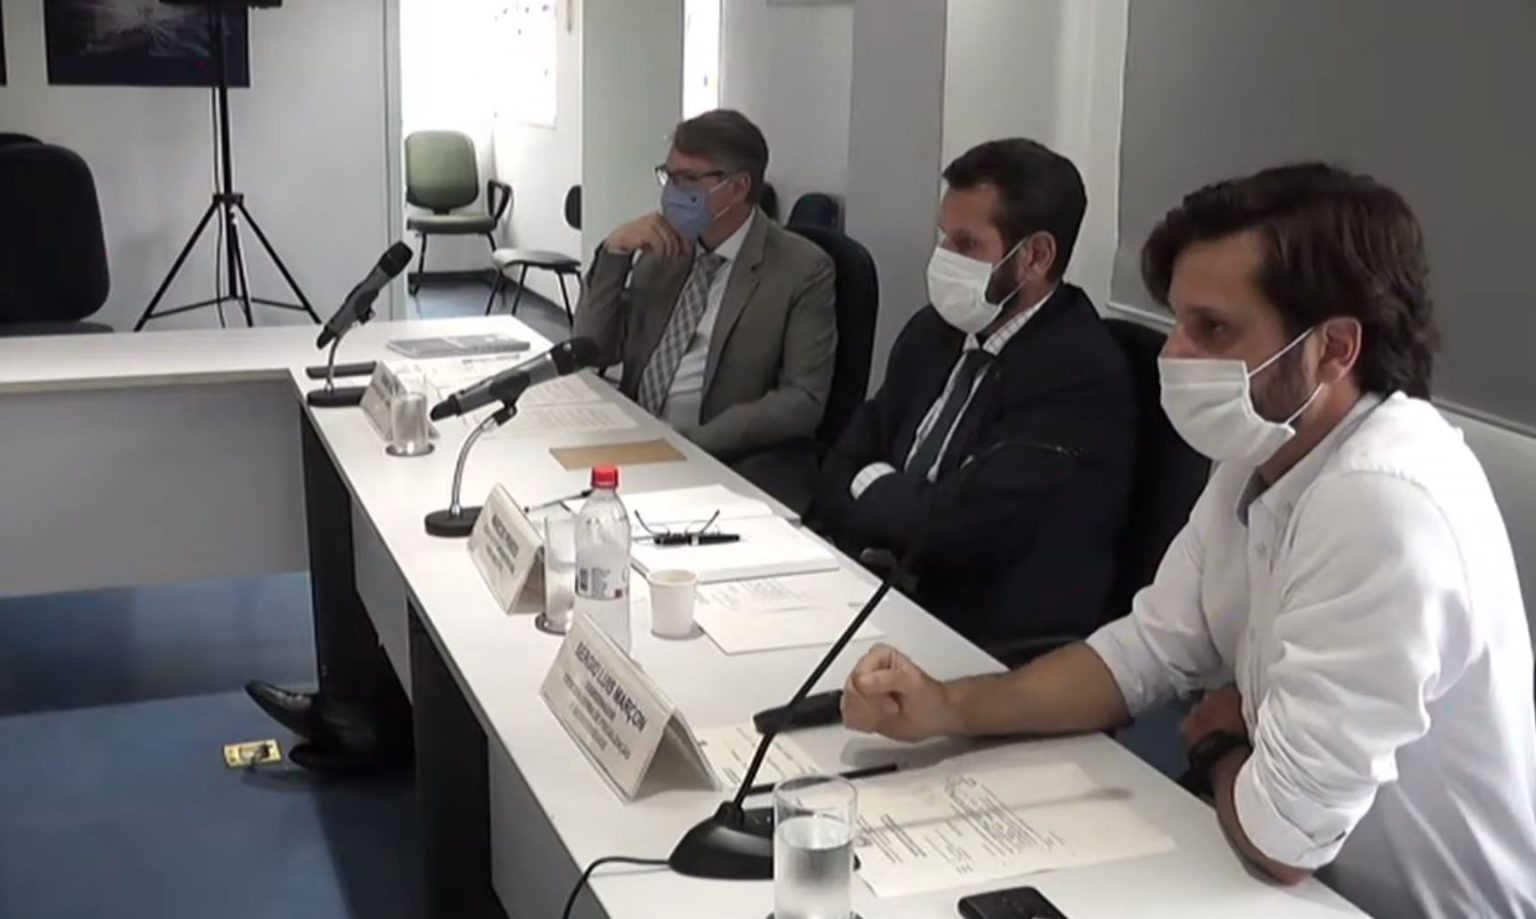 Grupos de fiscalização integrada reforçam monitoramento em área de manancial